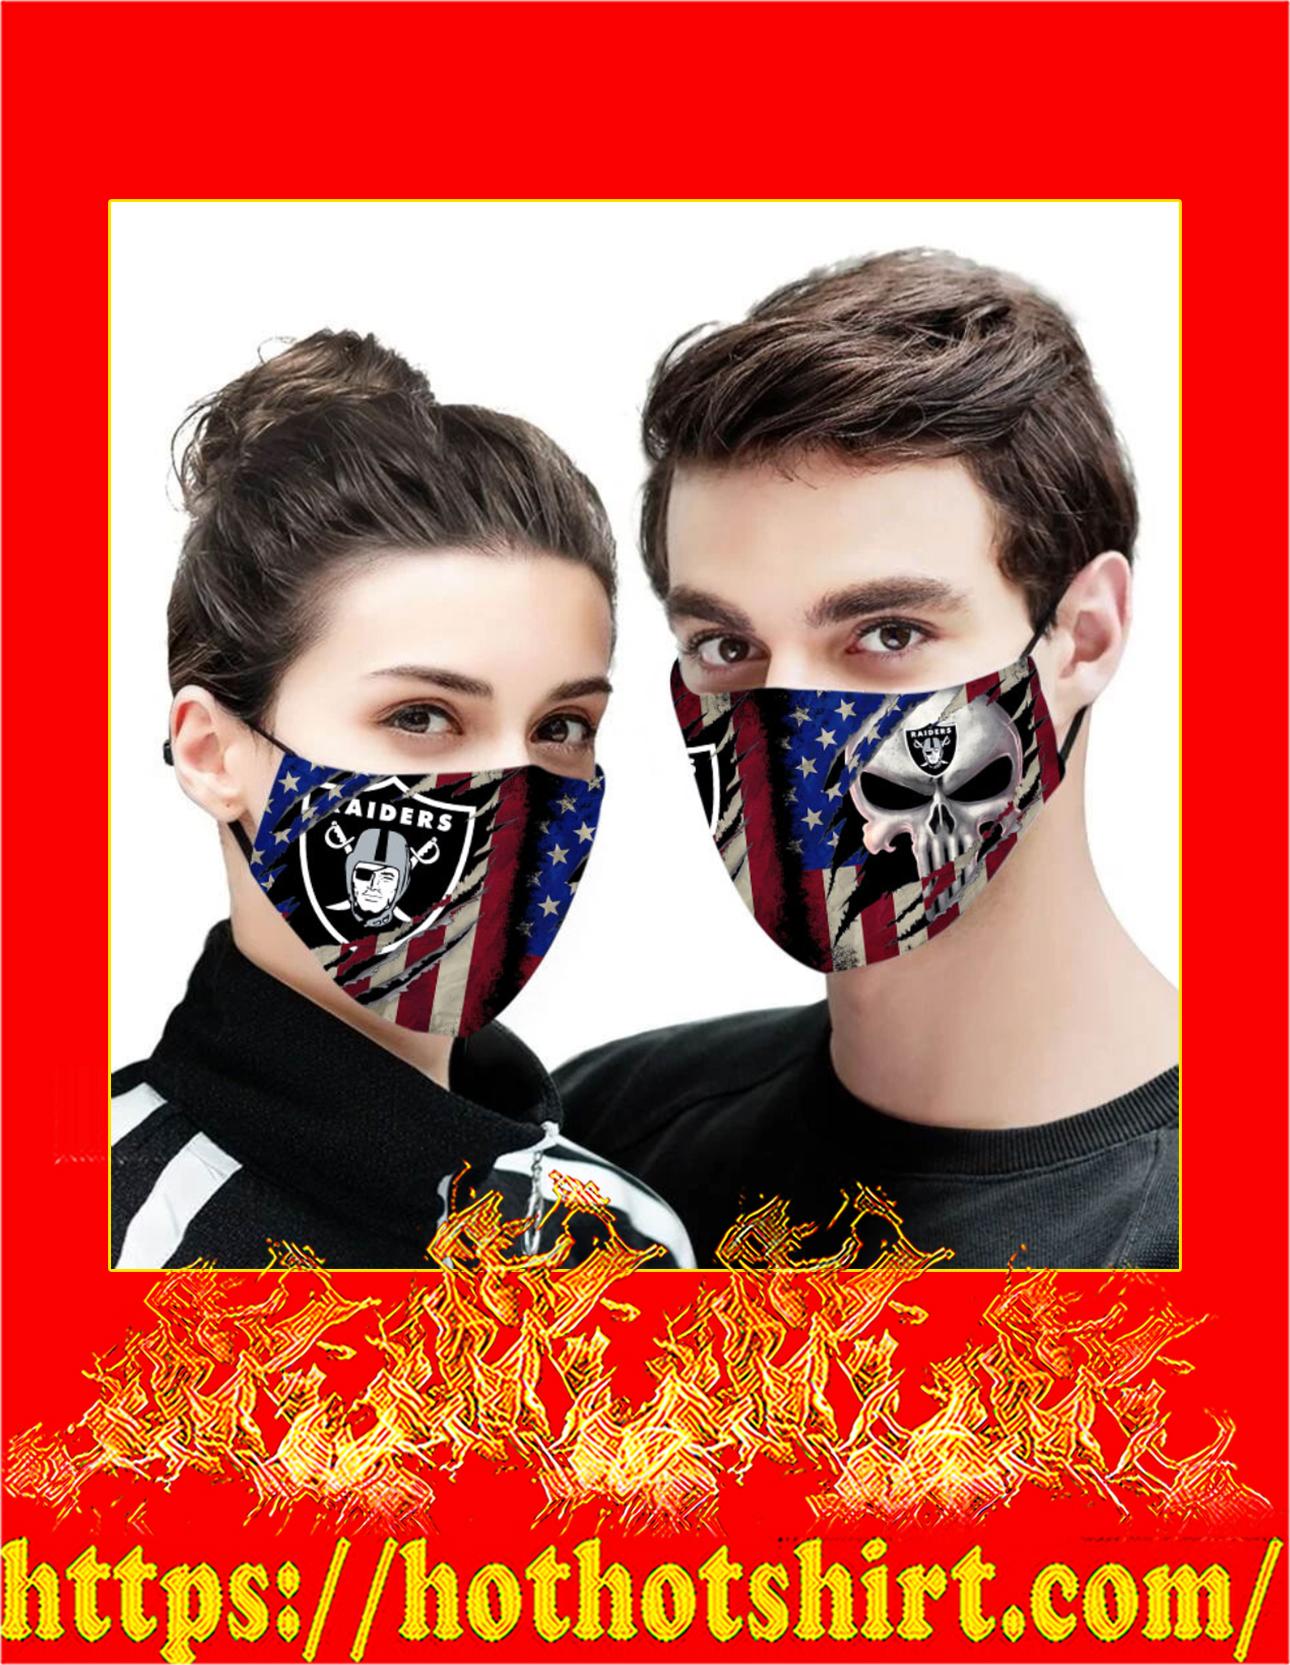 Raiders punisher skull american flag face mask